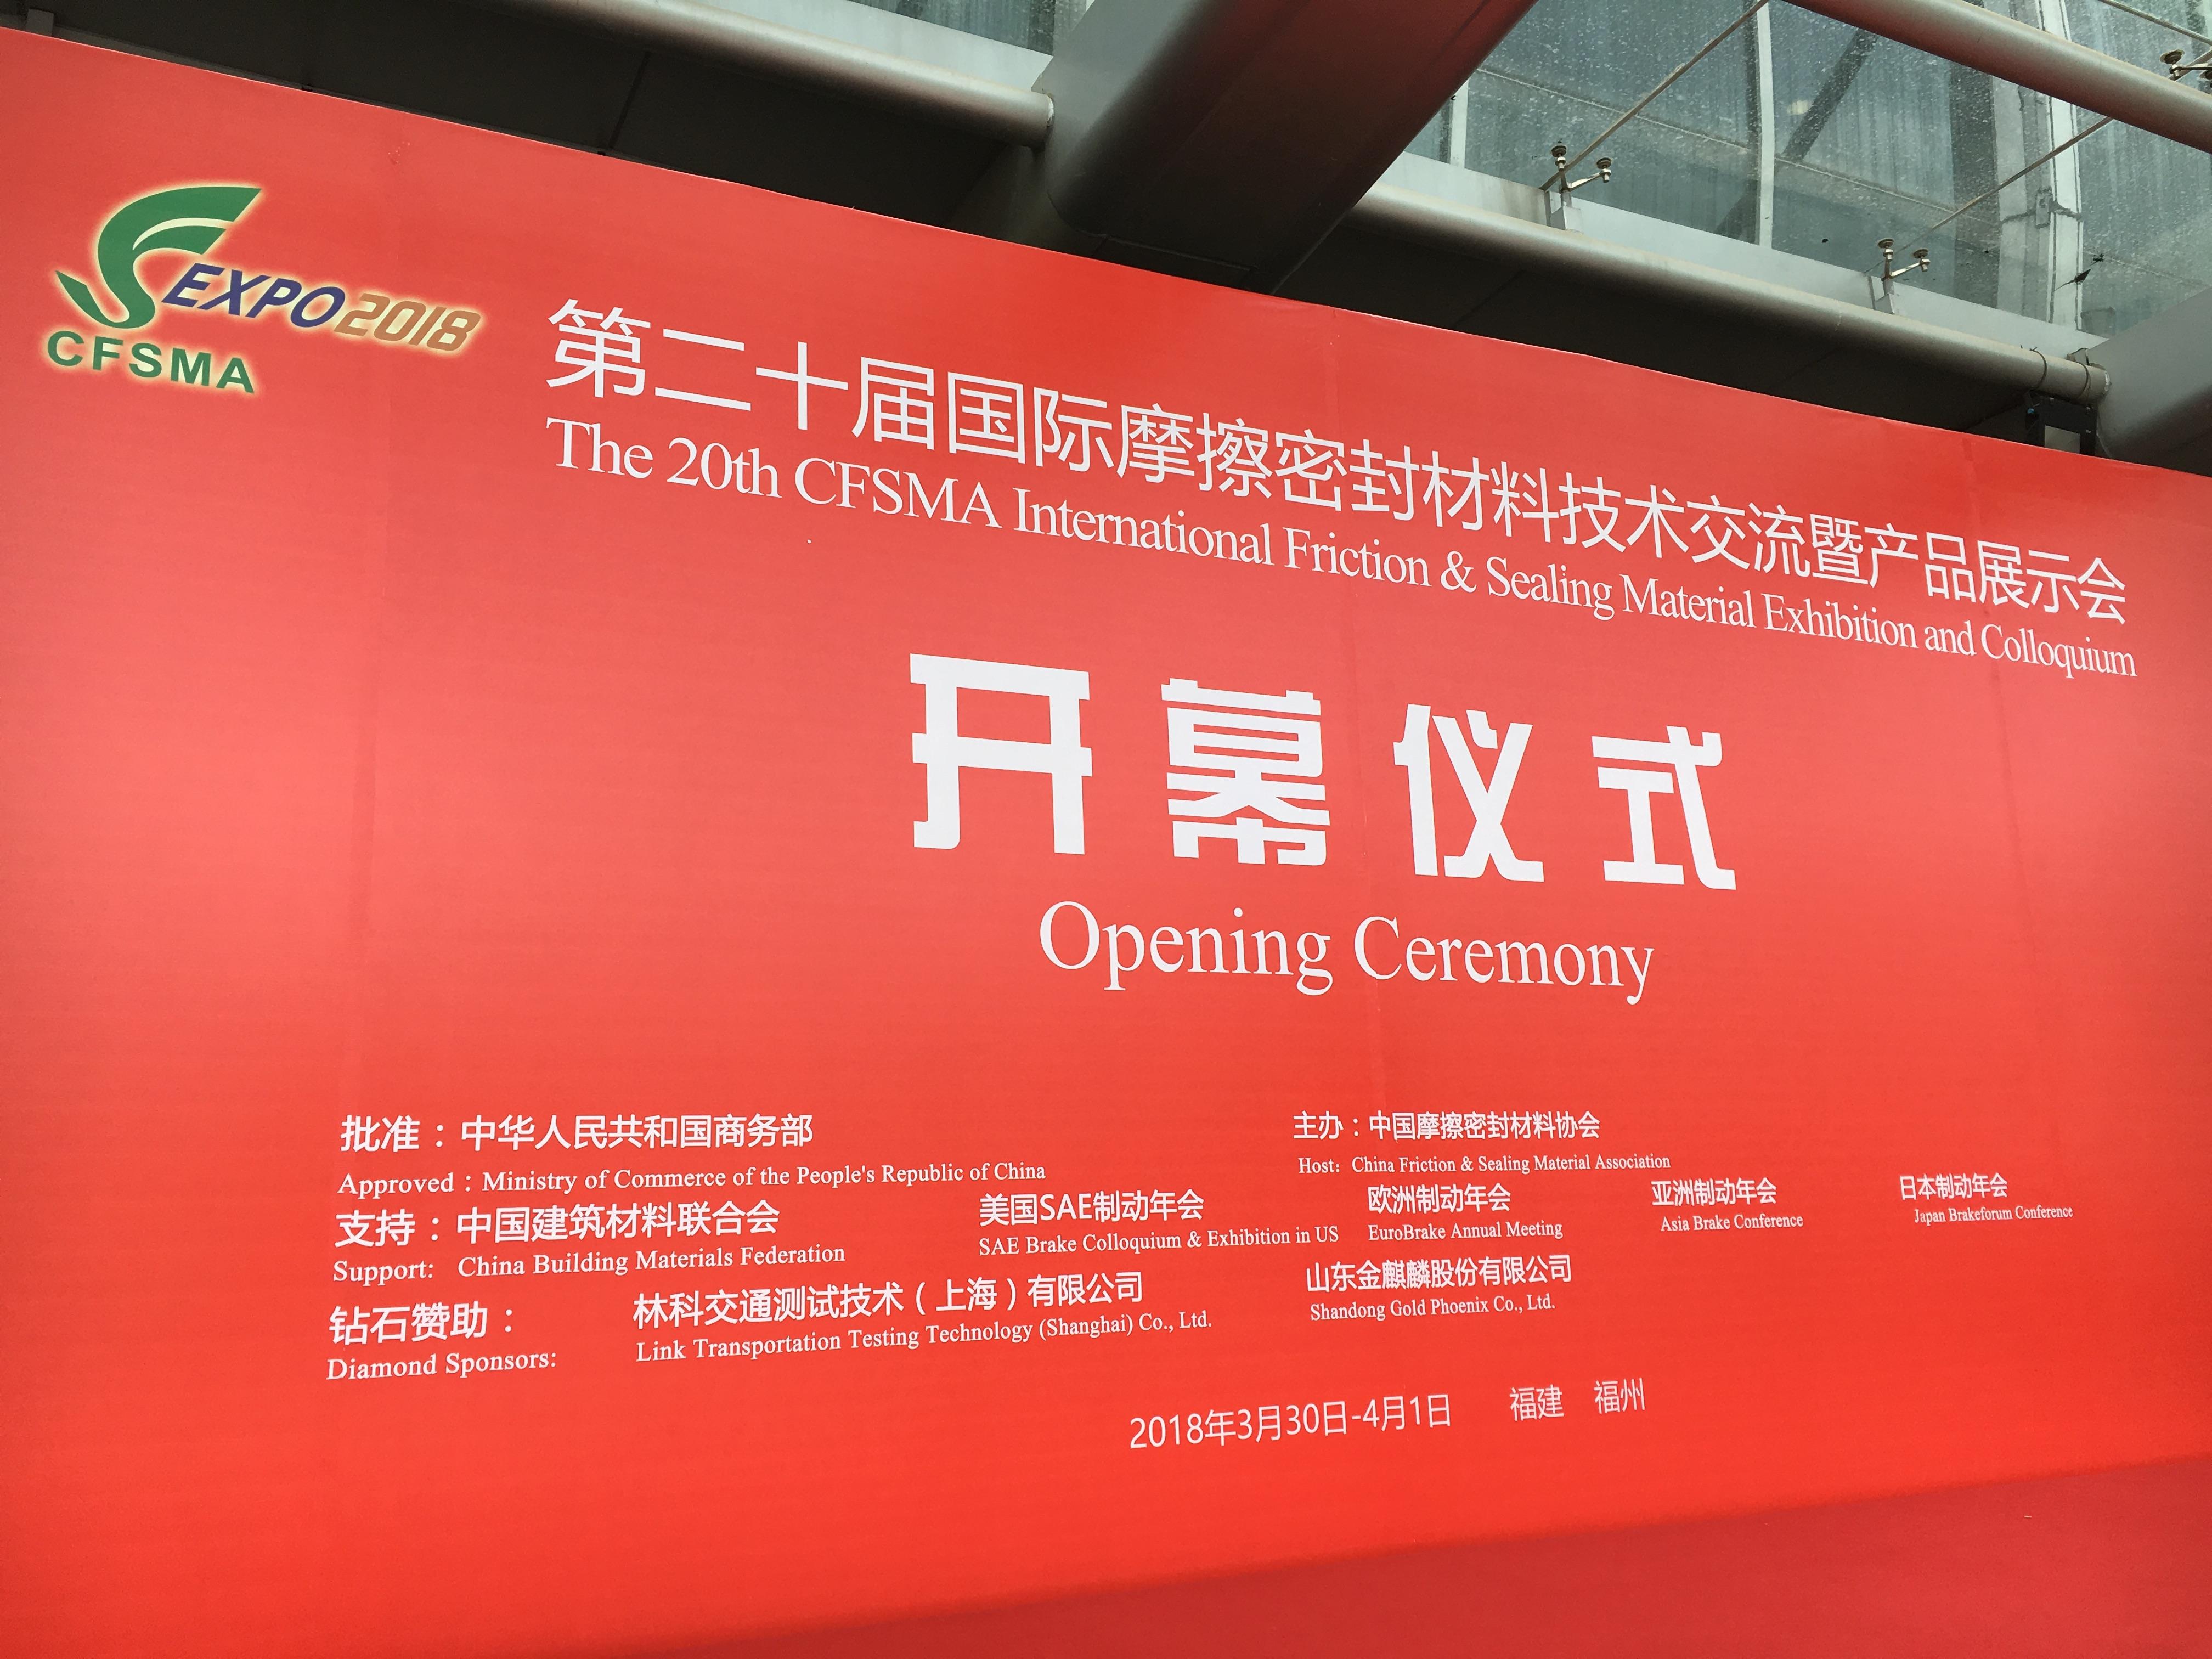 上海大和亮相第二十届国际摩擦密封材料展